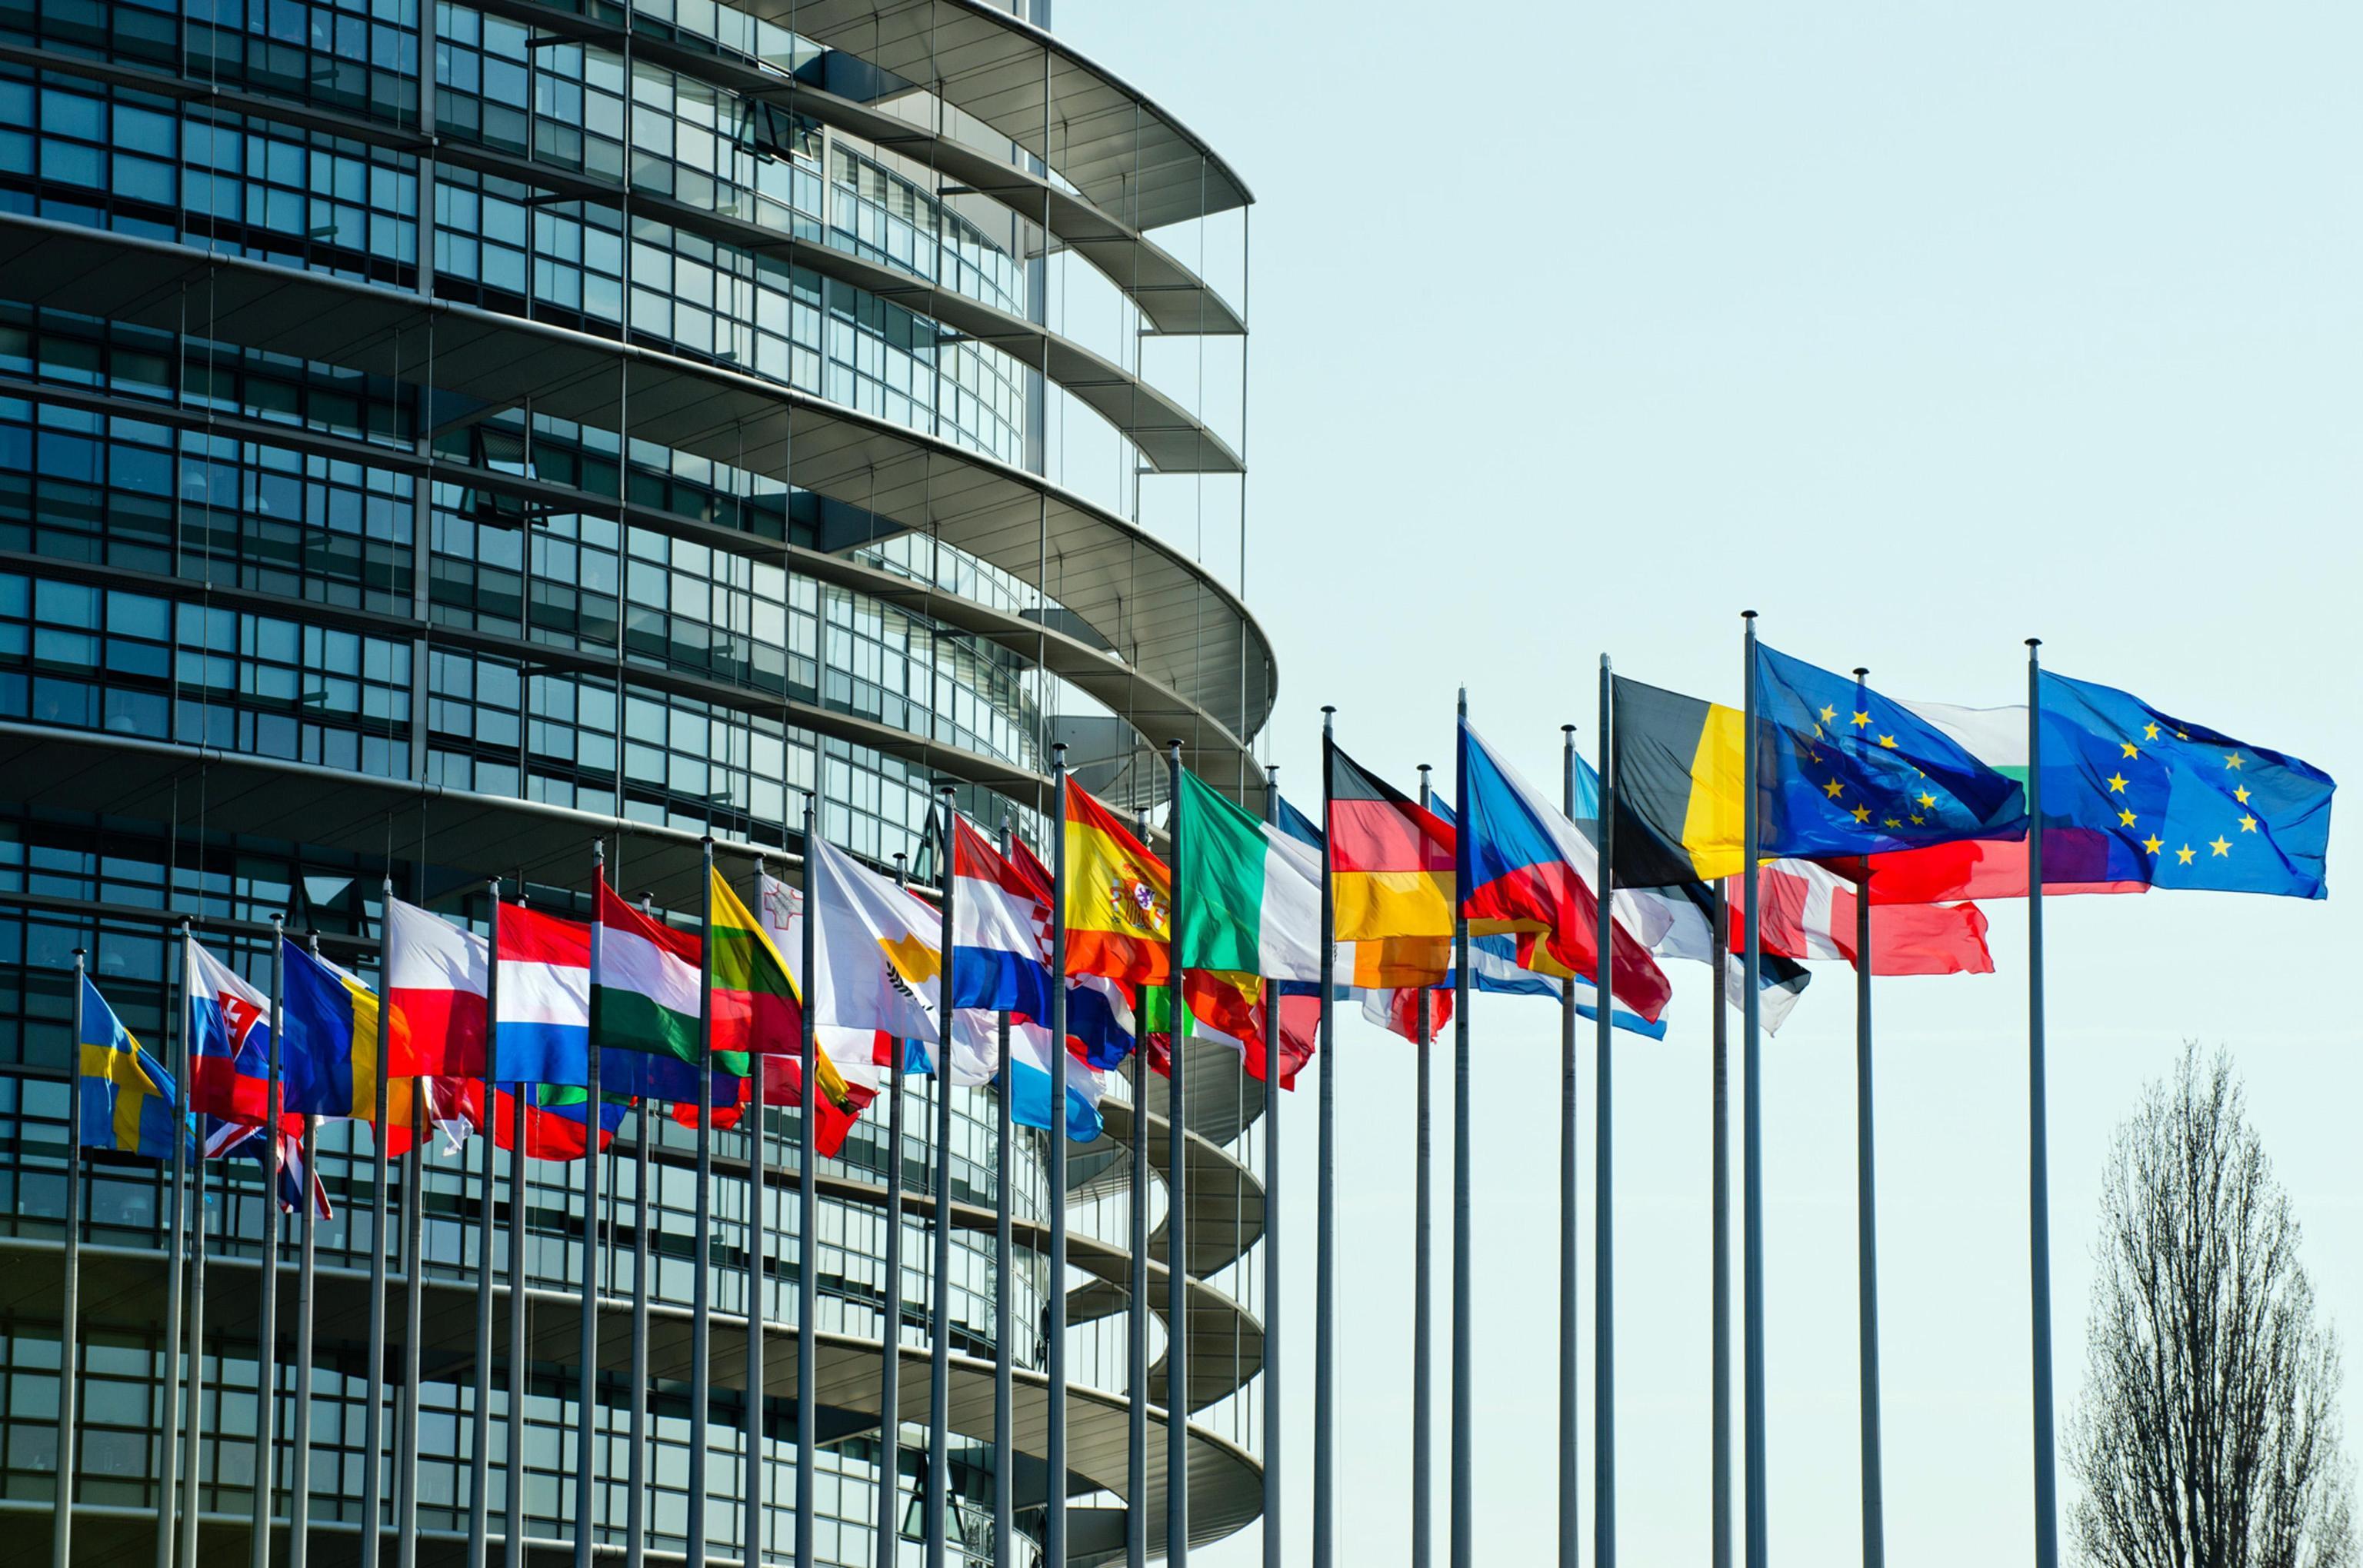 L'EUROPA BACCHETTA I MEDIA: POCHE DONNE IN RUOLI DECISIONALI RAFFORZANO STEREOTIPI